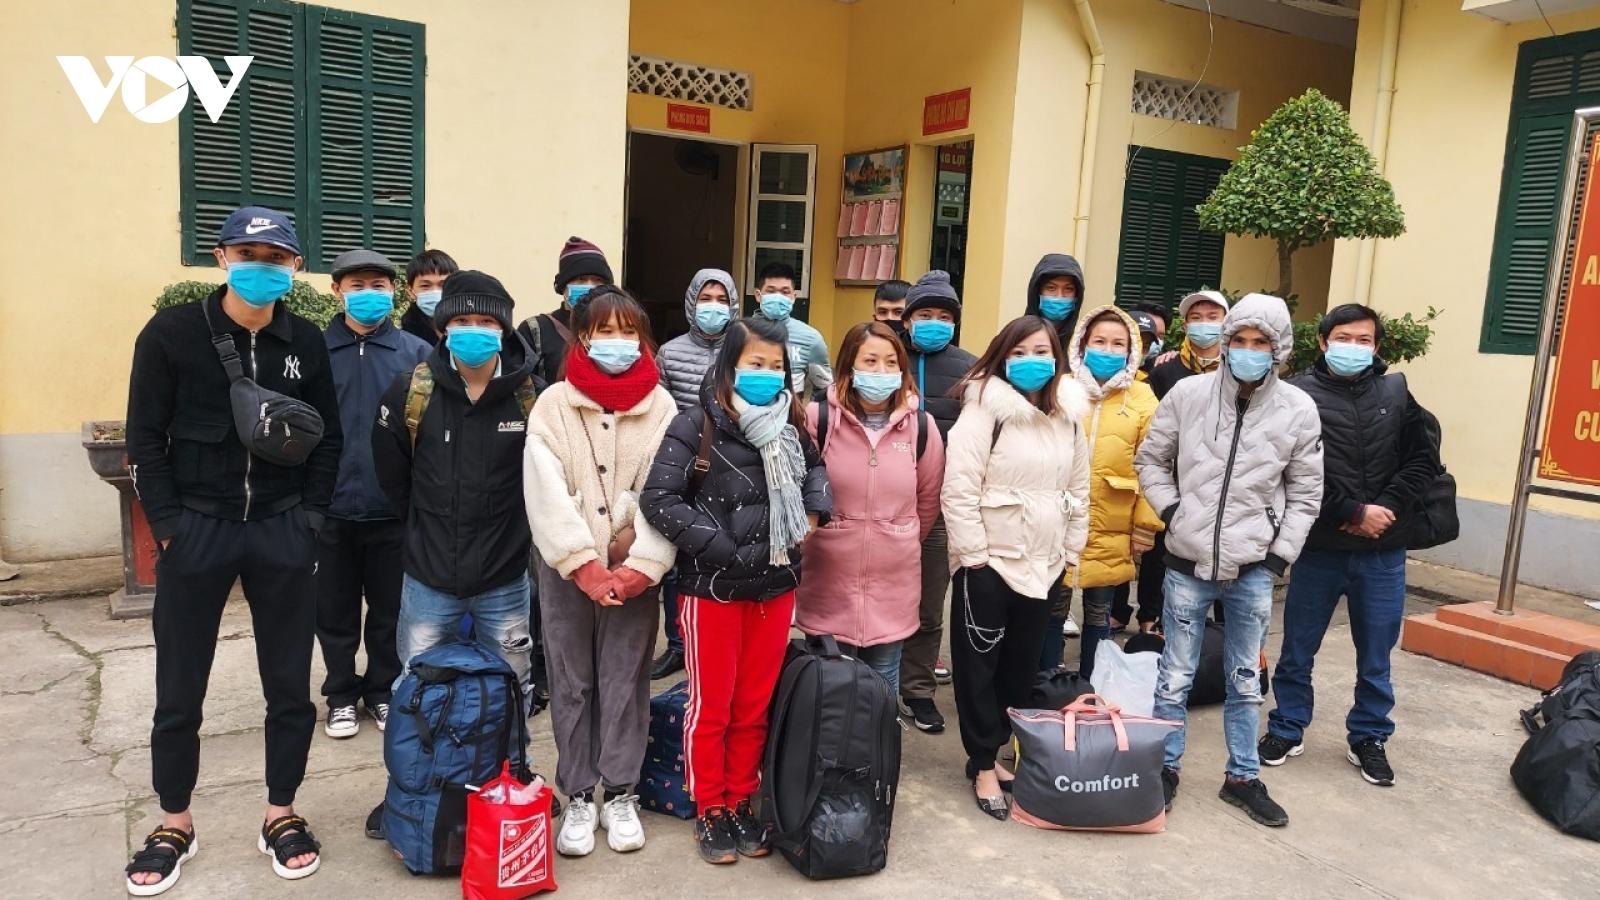 Cao Bằng: Gần 2000 công dân nhập cảnh trái phép trong gần 15 ngày